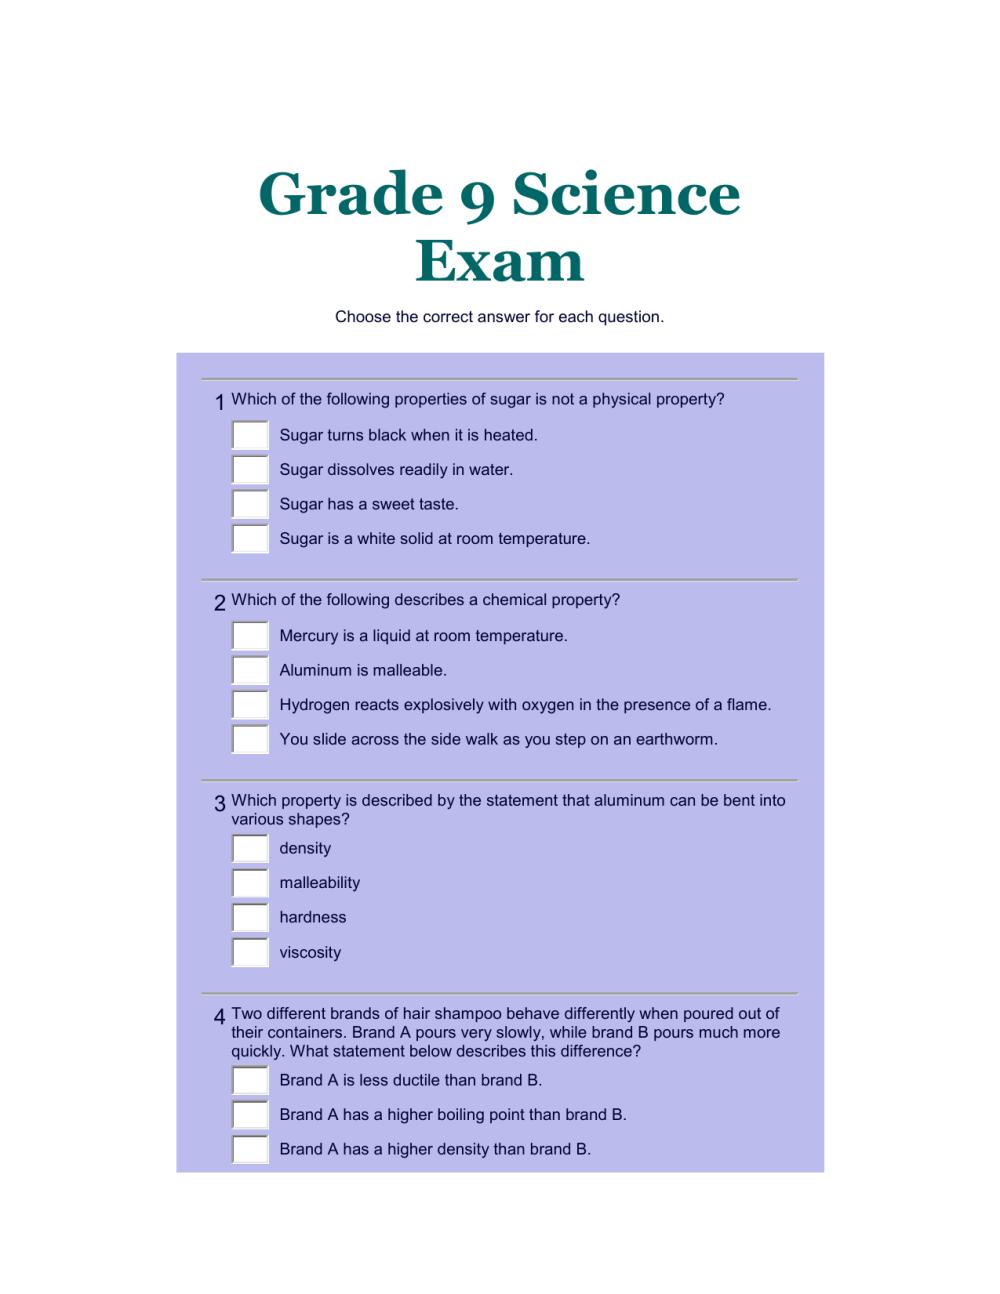 medium resolution of Grade 9 Science Exam1 - Chemistry